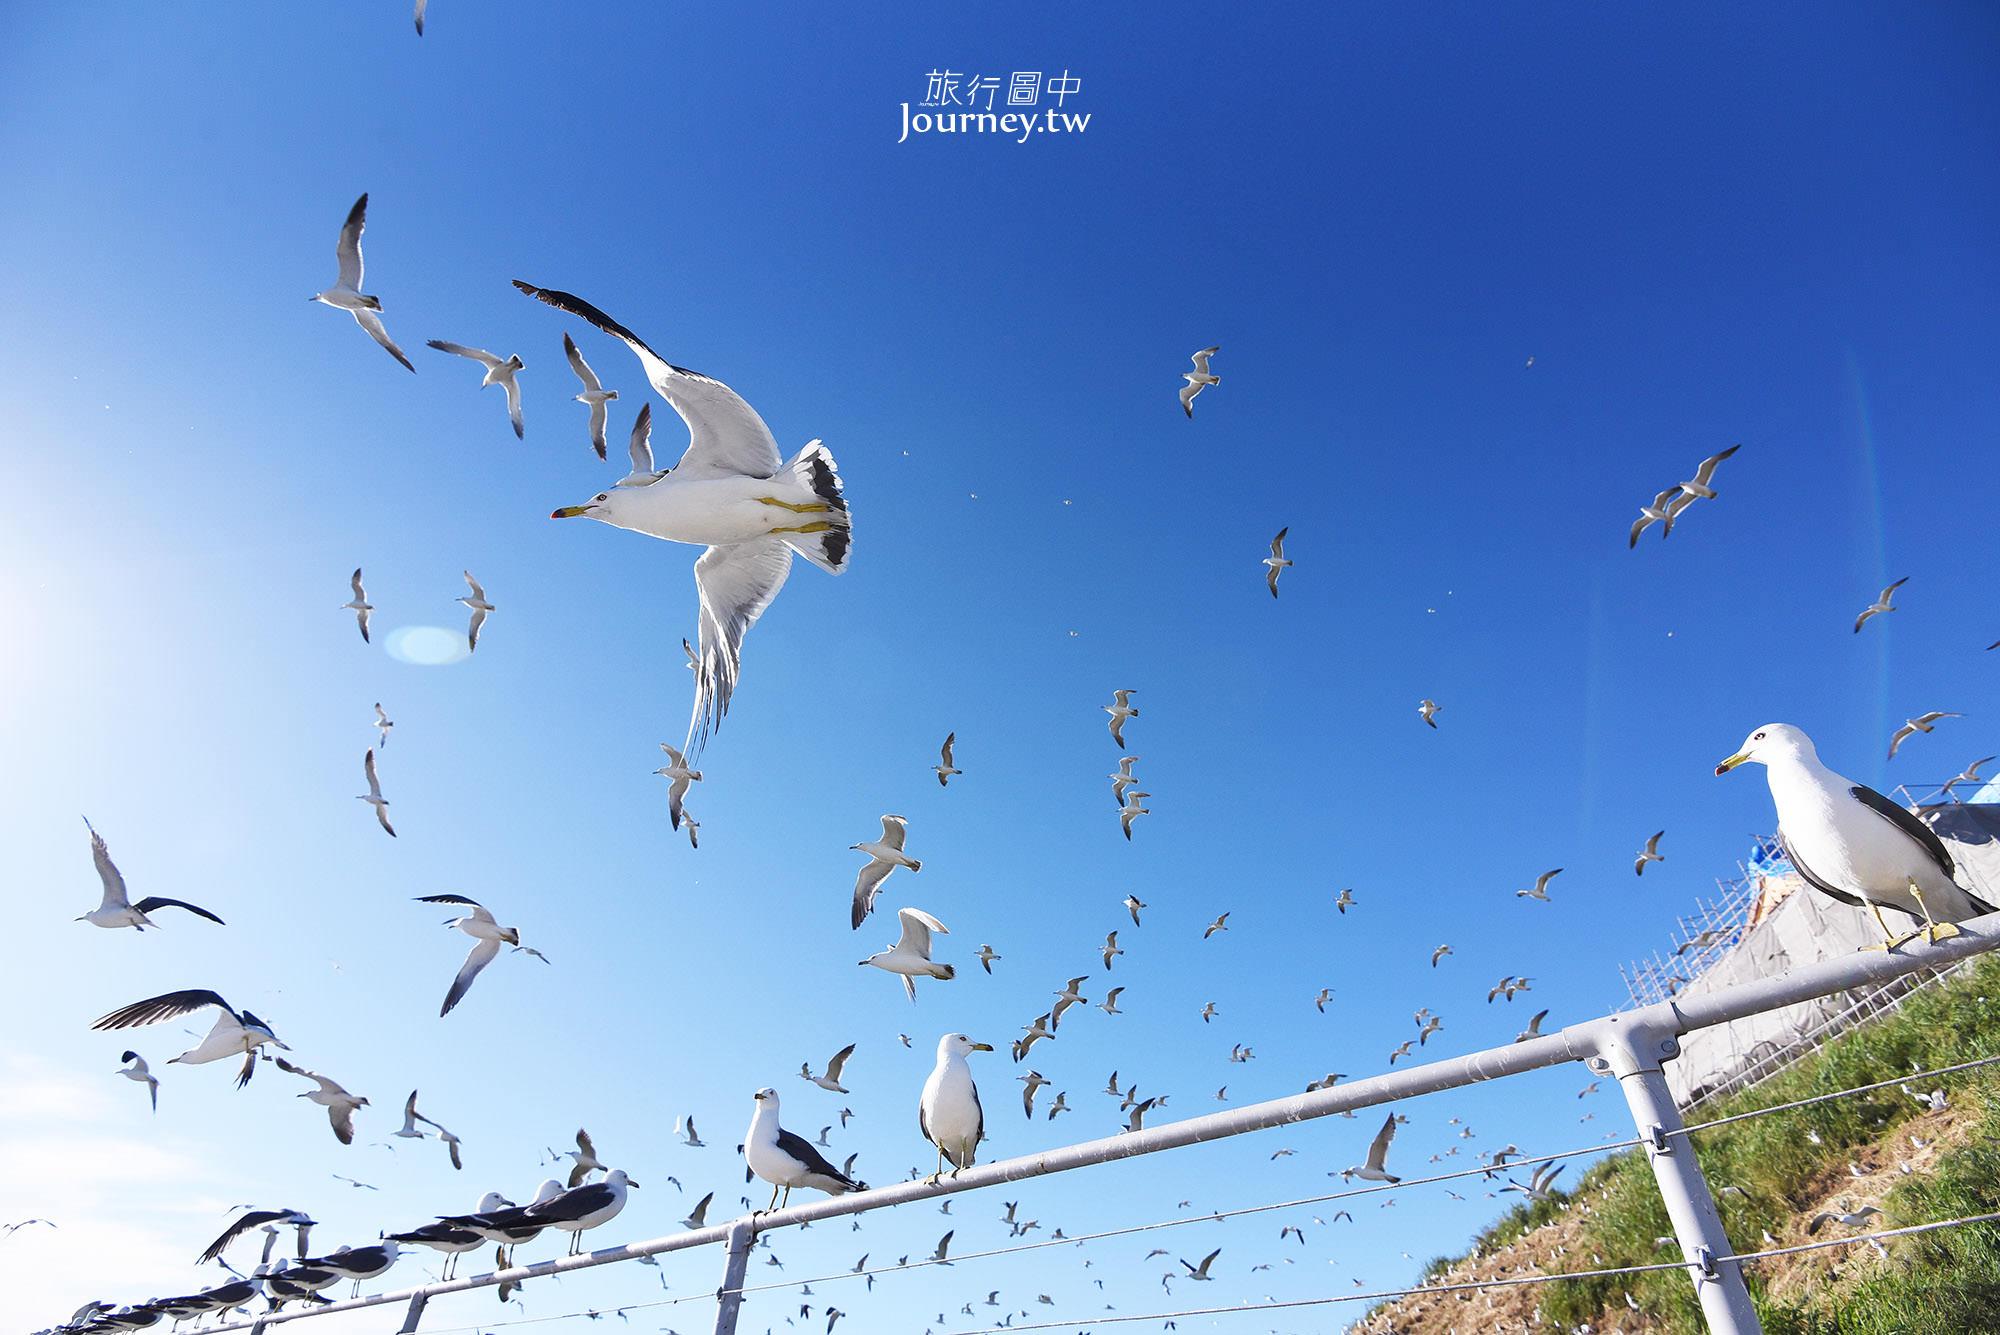 日本,東北,景點,青森,八戶,海鷗,蕪島,蕪嶋神社